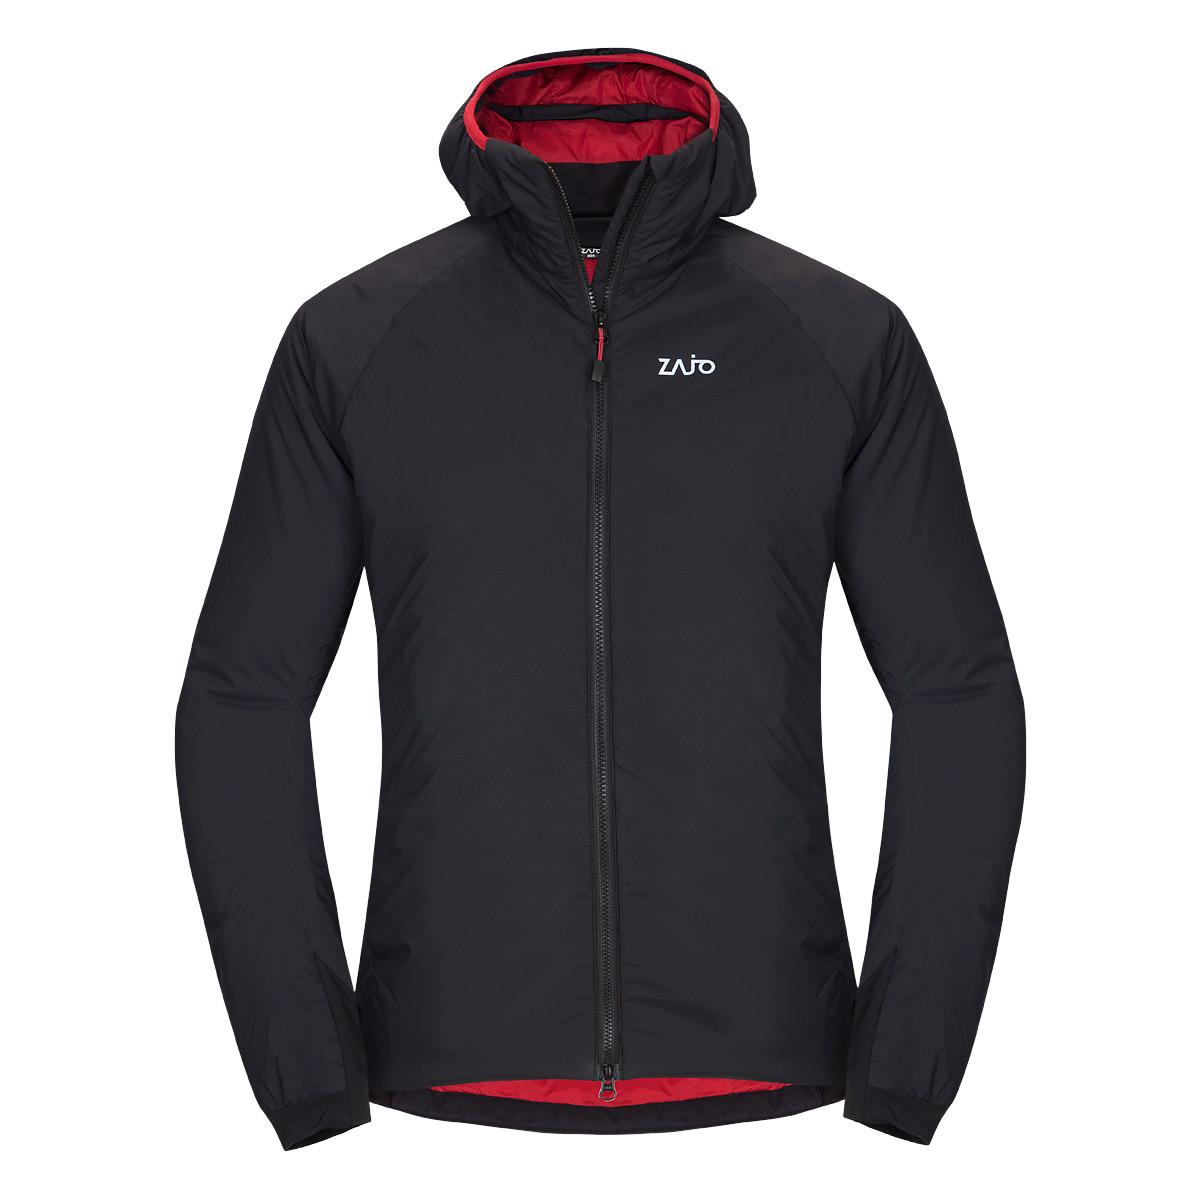 Pánska bunda Zajo Narvik JKT Black - veľkosť L